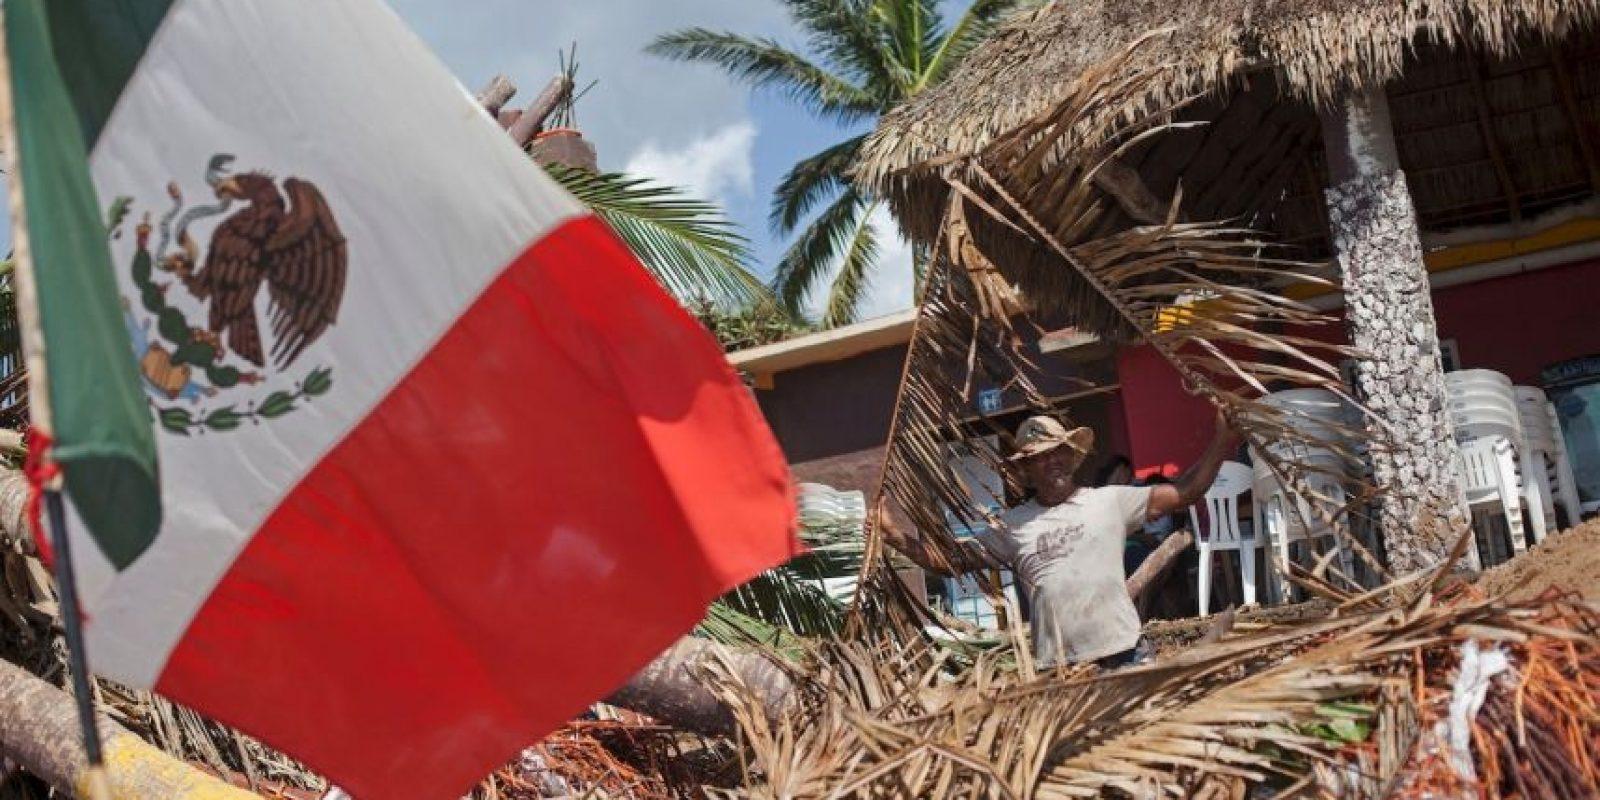 Según información del gobierno mexicano, fue el más peligroso del que se tenga registro. Foto:Getty Images